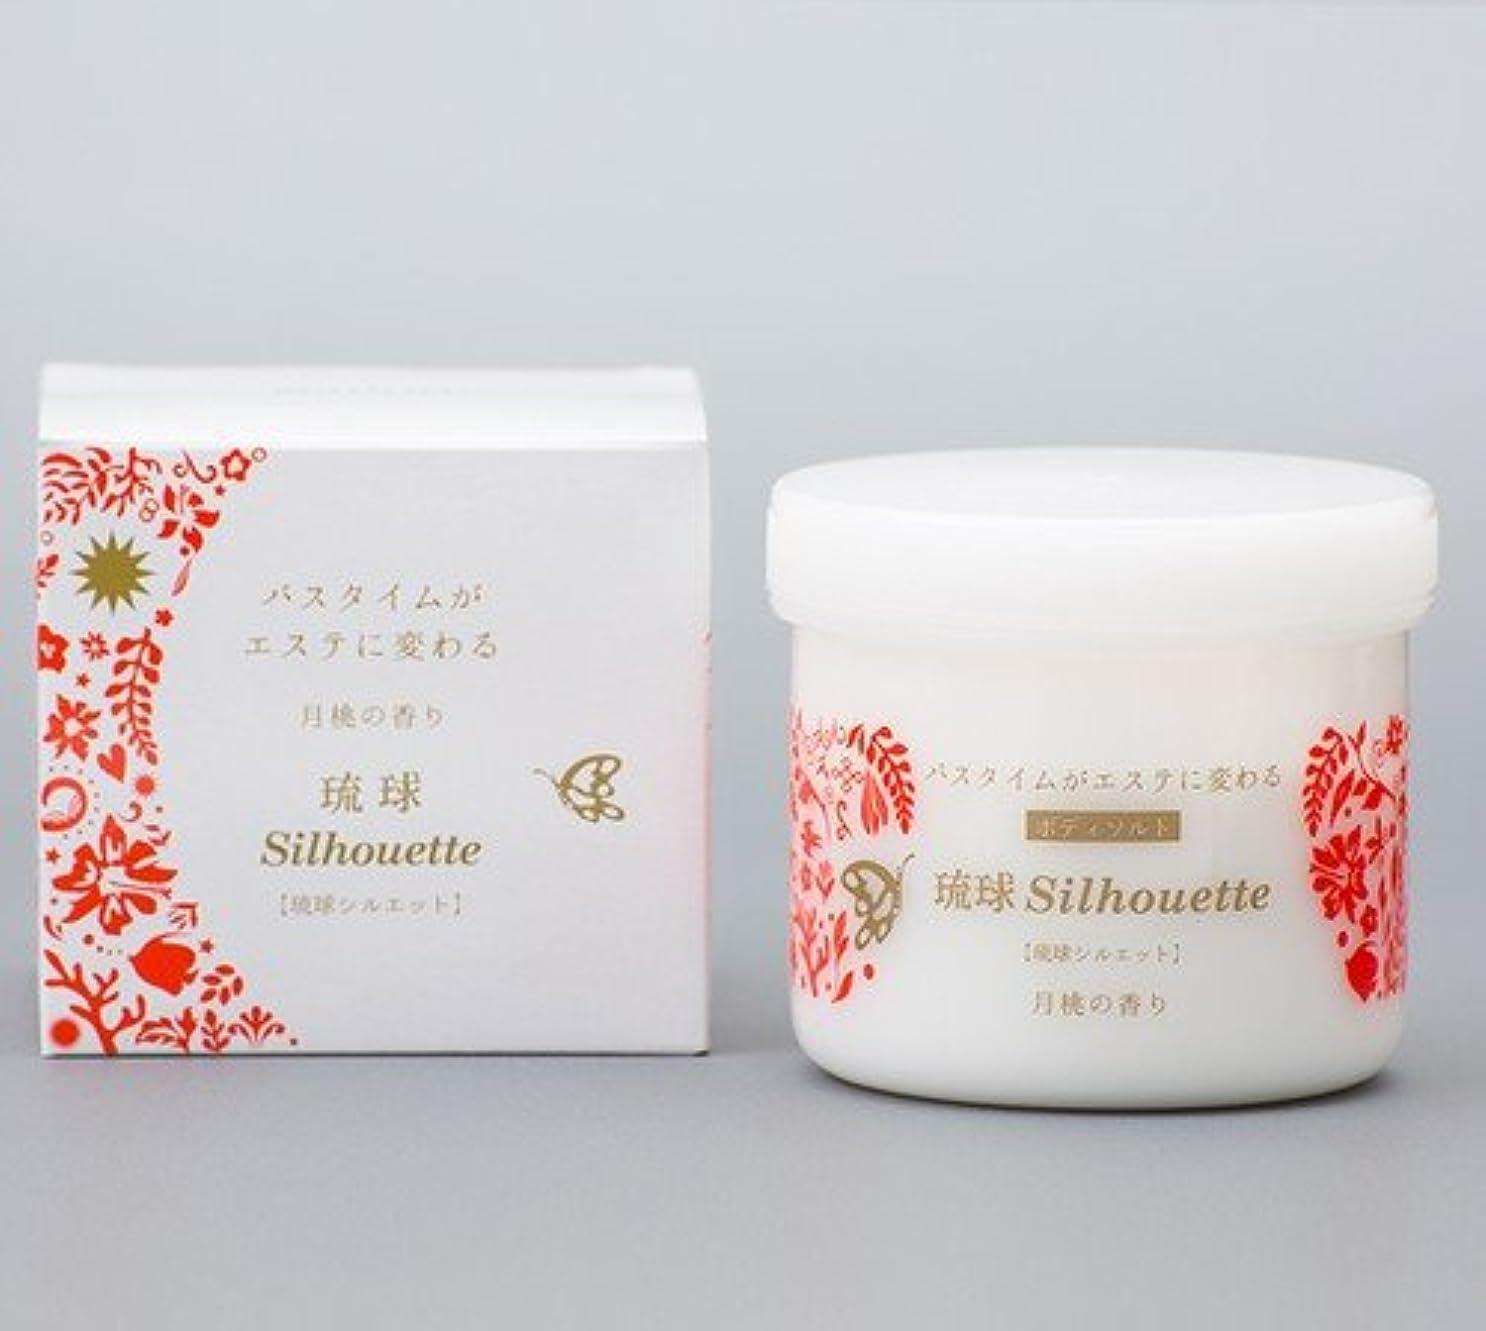 アナロジー安心させるバルセロナ月桃の香り 琉球シルエット ソルトソープ(200g)